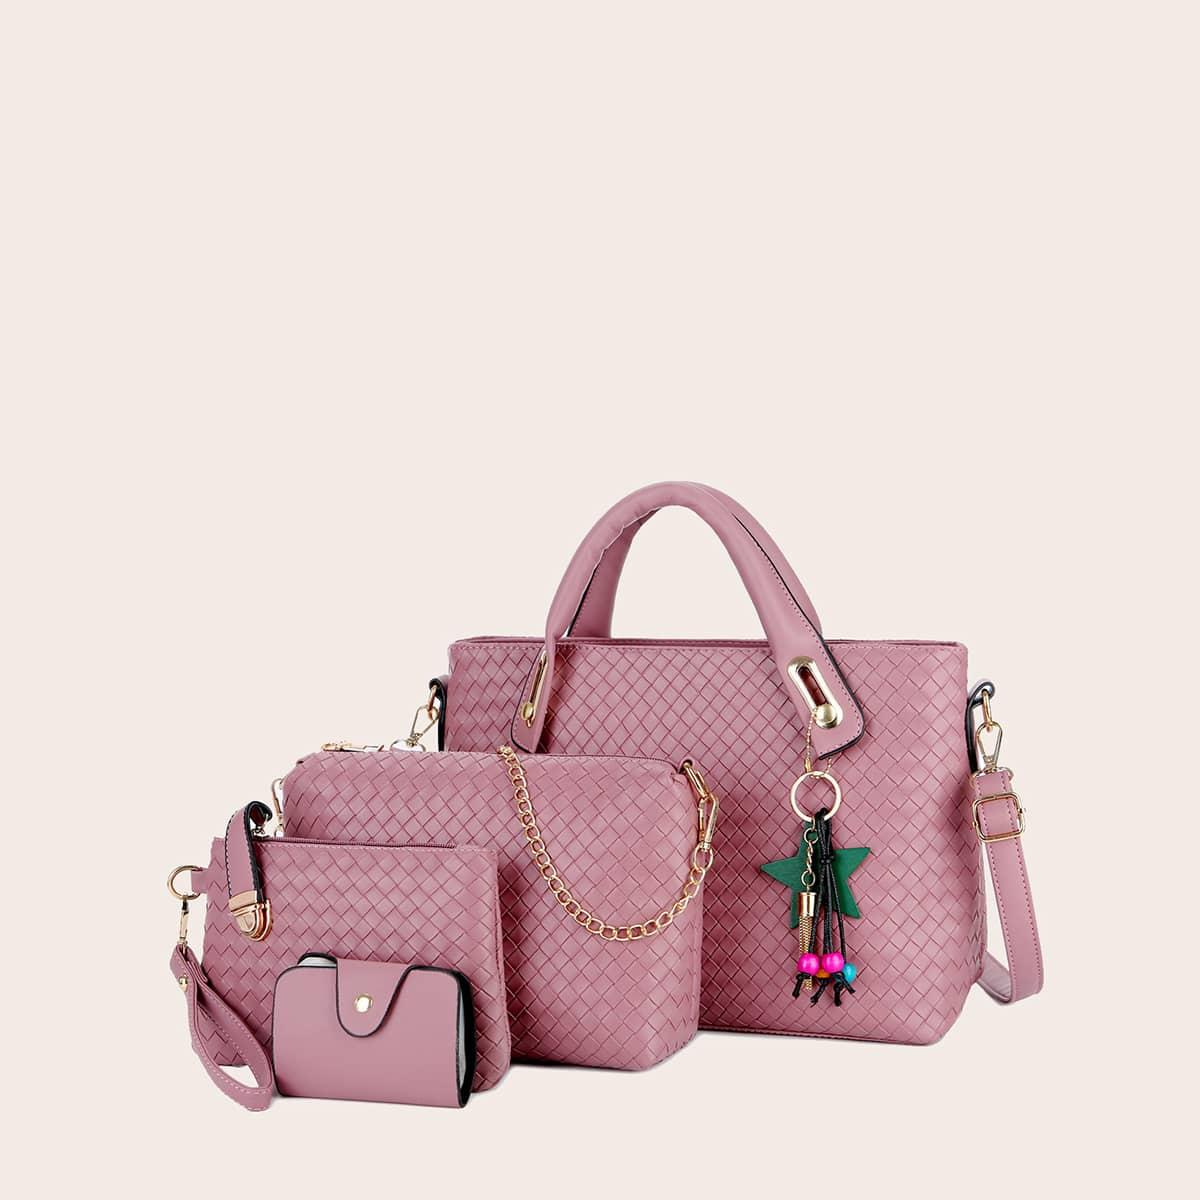 4шт набор сумок с плетеным узором и бусинами